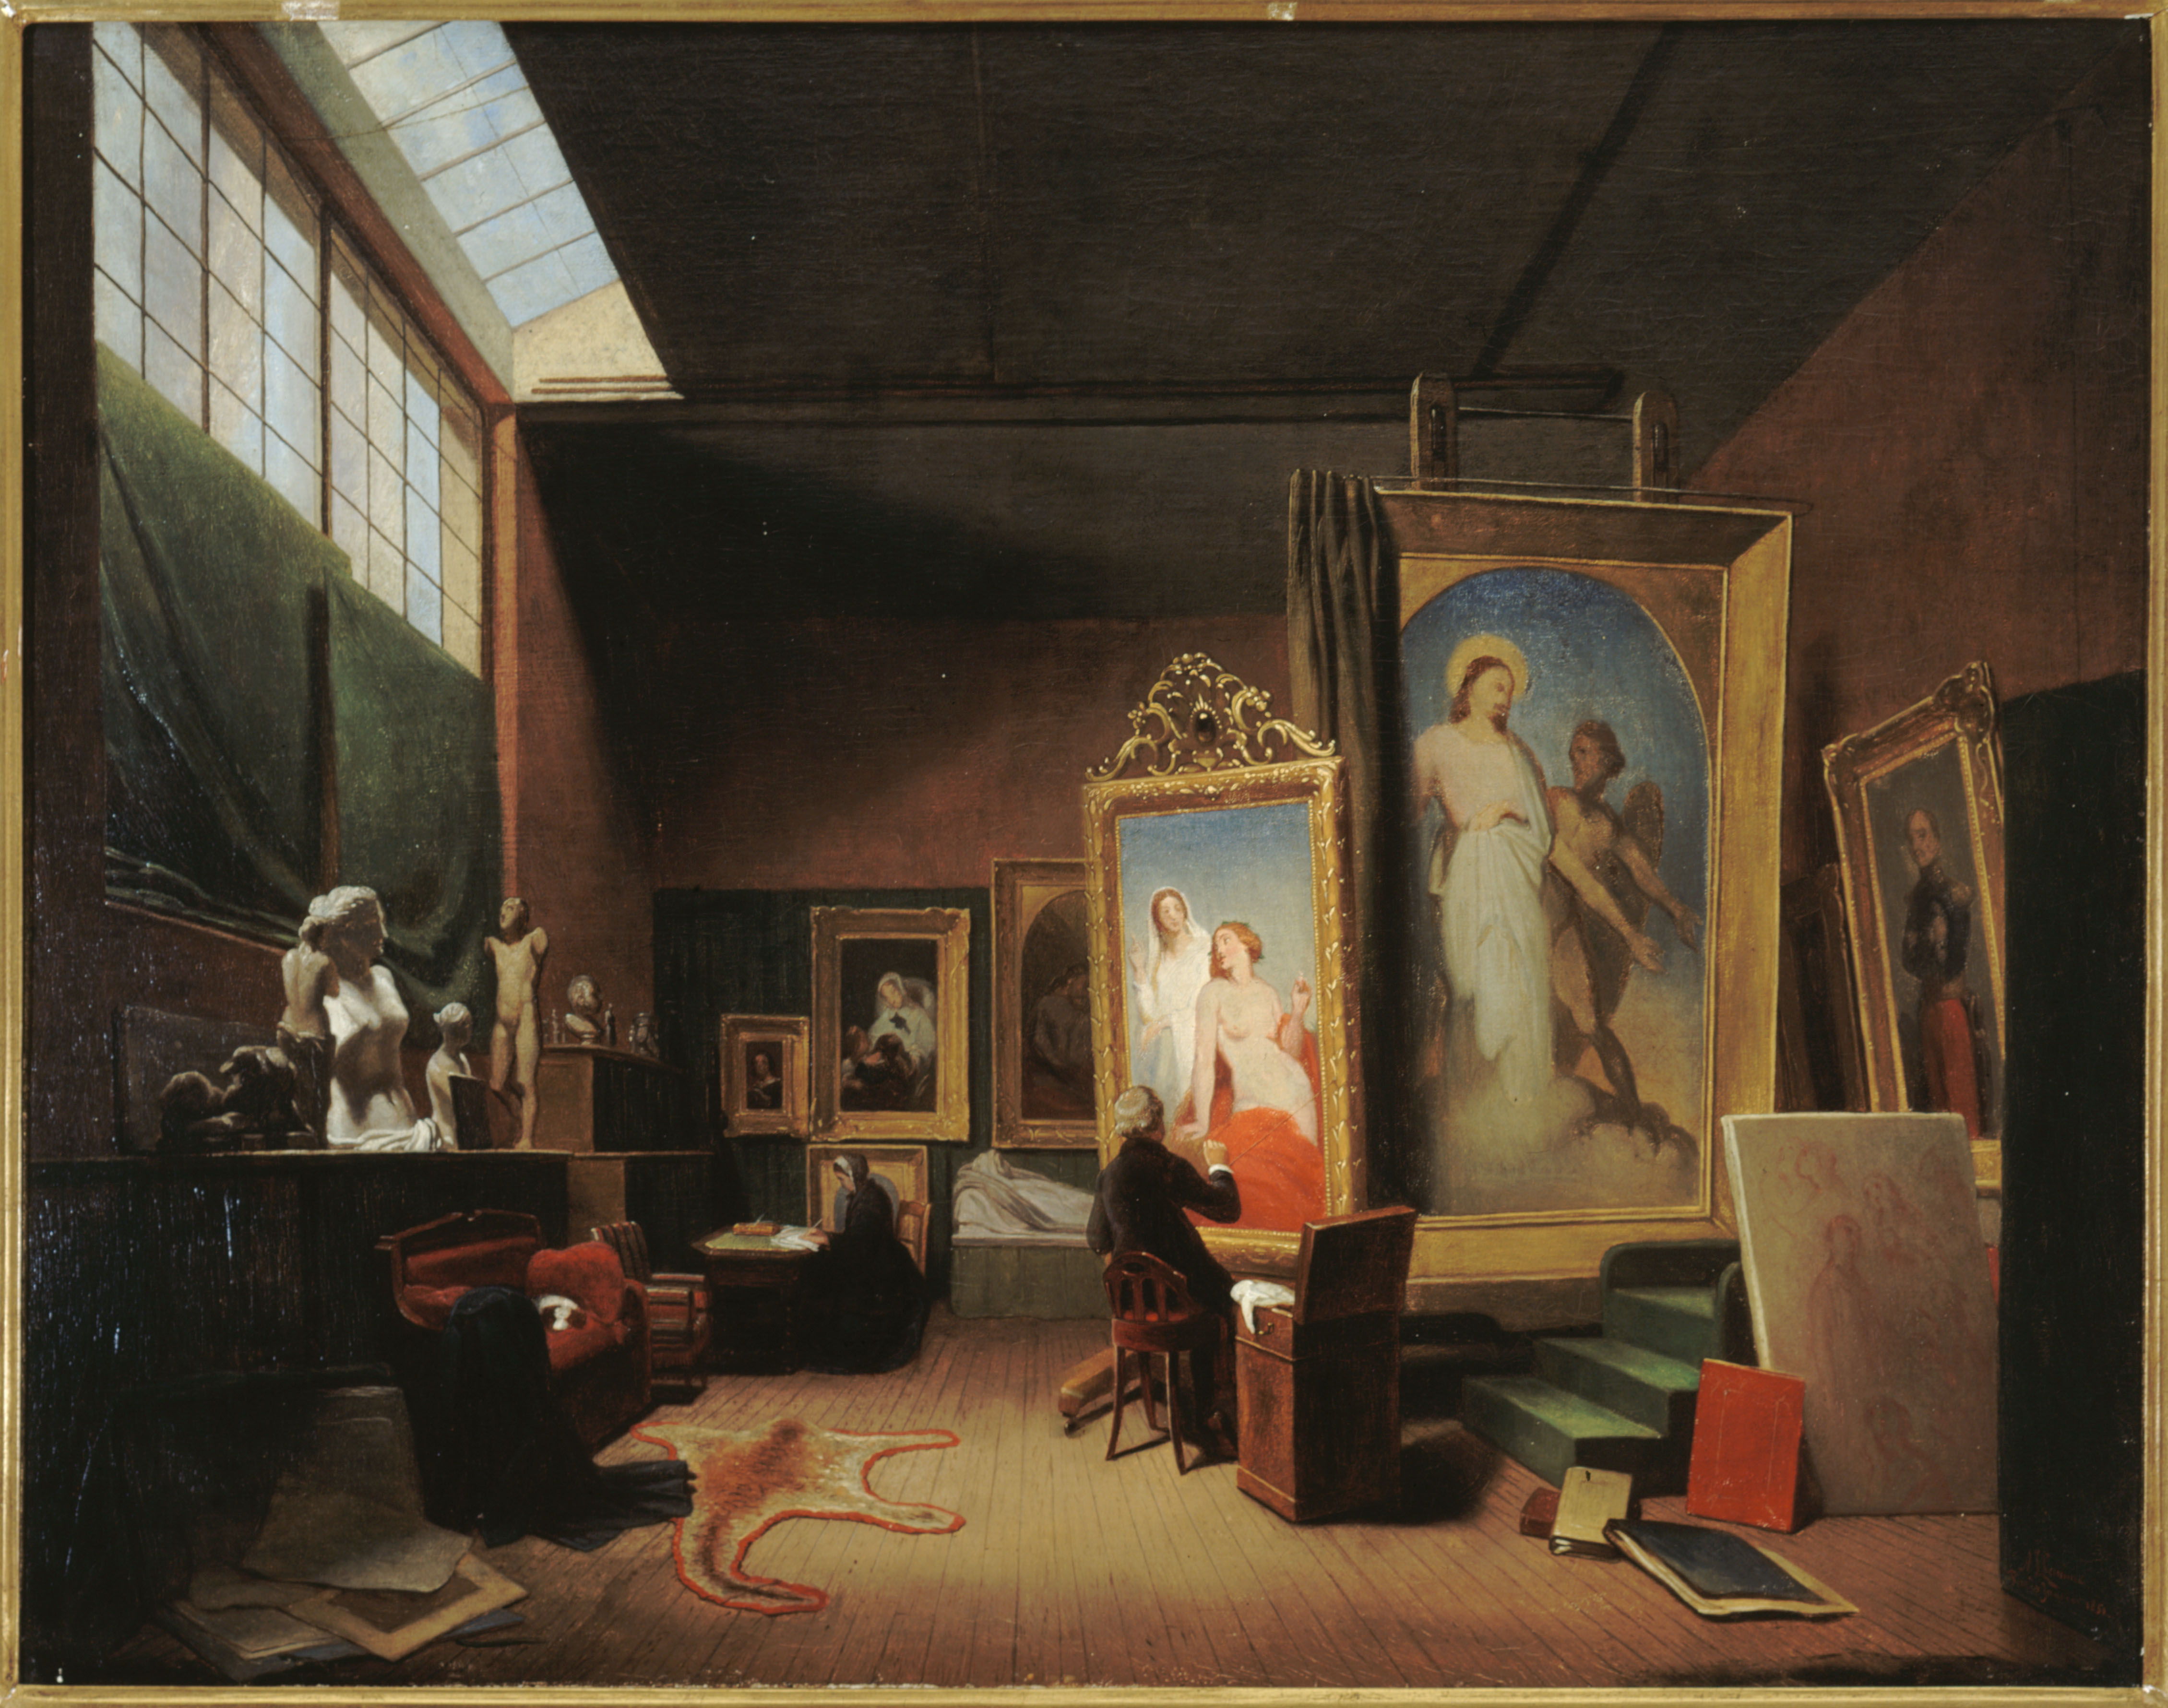 L'atelier d'Ary Scheffer par Lamme